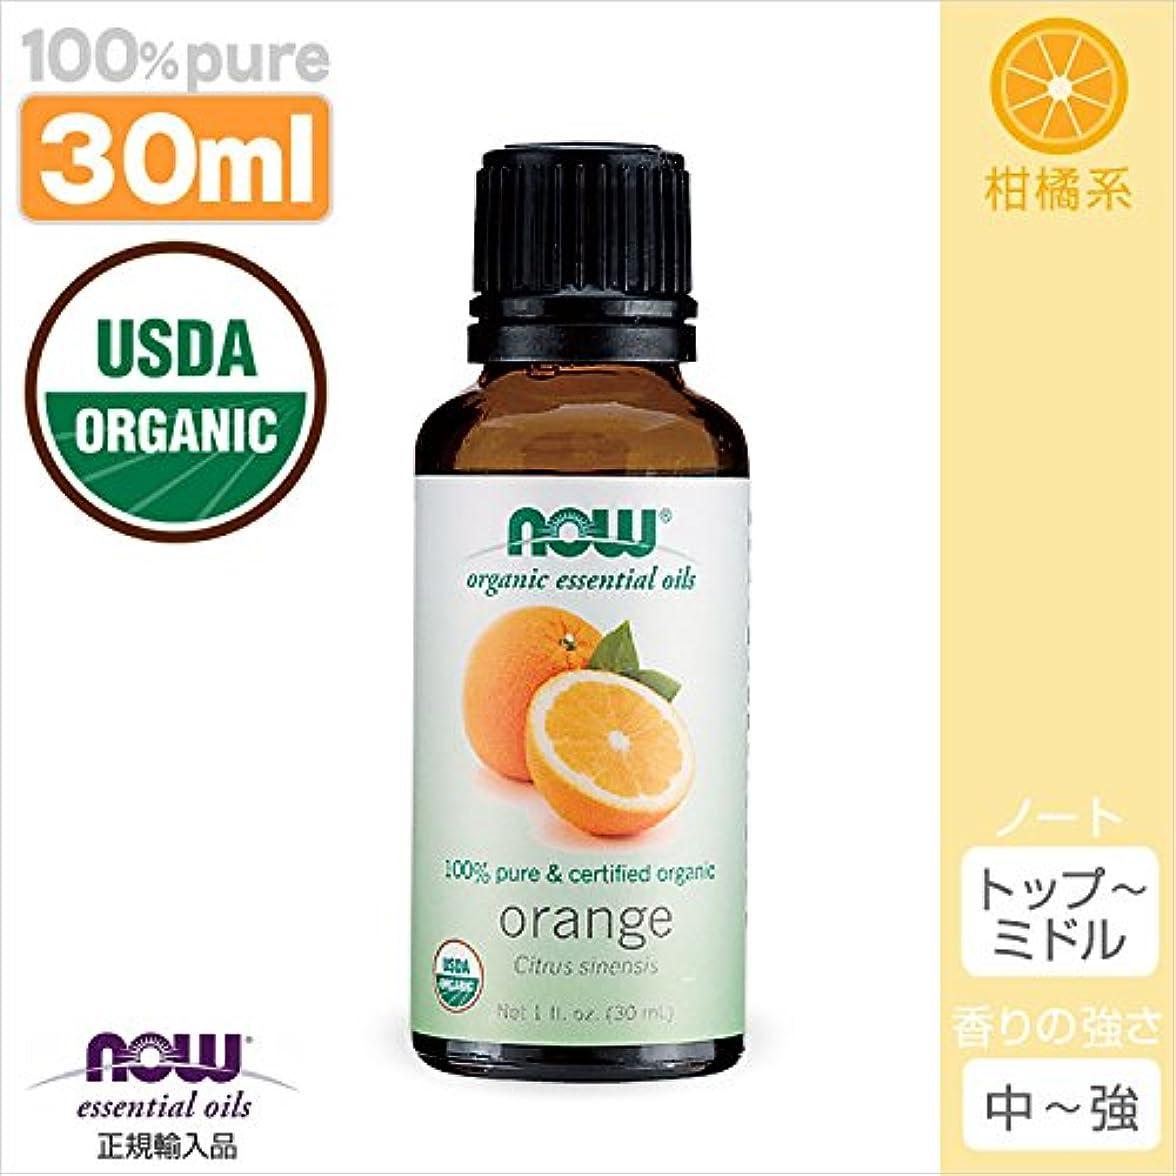 植物の方程式イノセンスオレンジ精油オーガニック[30ml] 【正規輸入品】 NOWエッセンシャルオイル(アロマオイル)